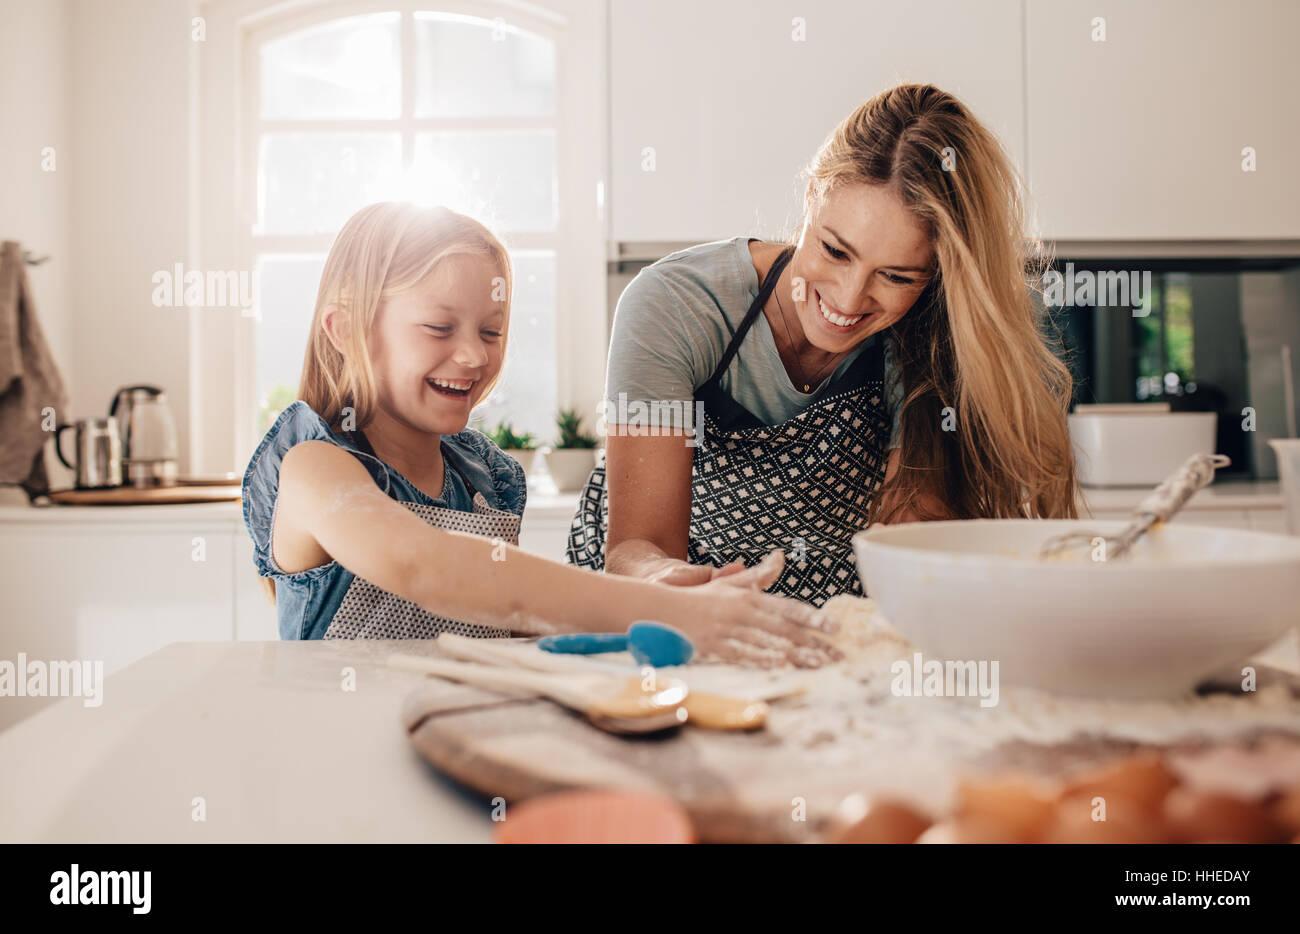 Felice ragazza giovane con sua madre facendo impasto. Madre e figlia la cottura in cucina. Immagini Stock